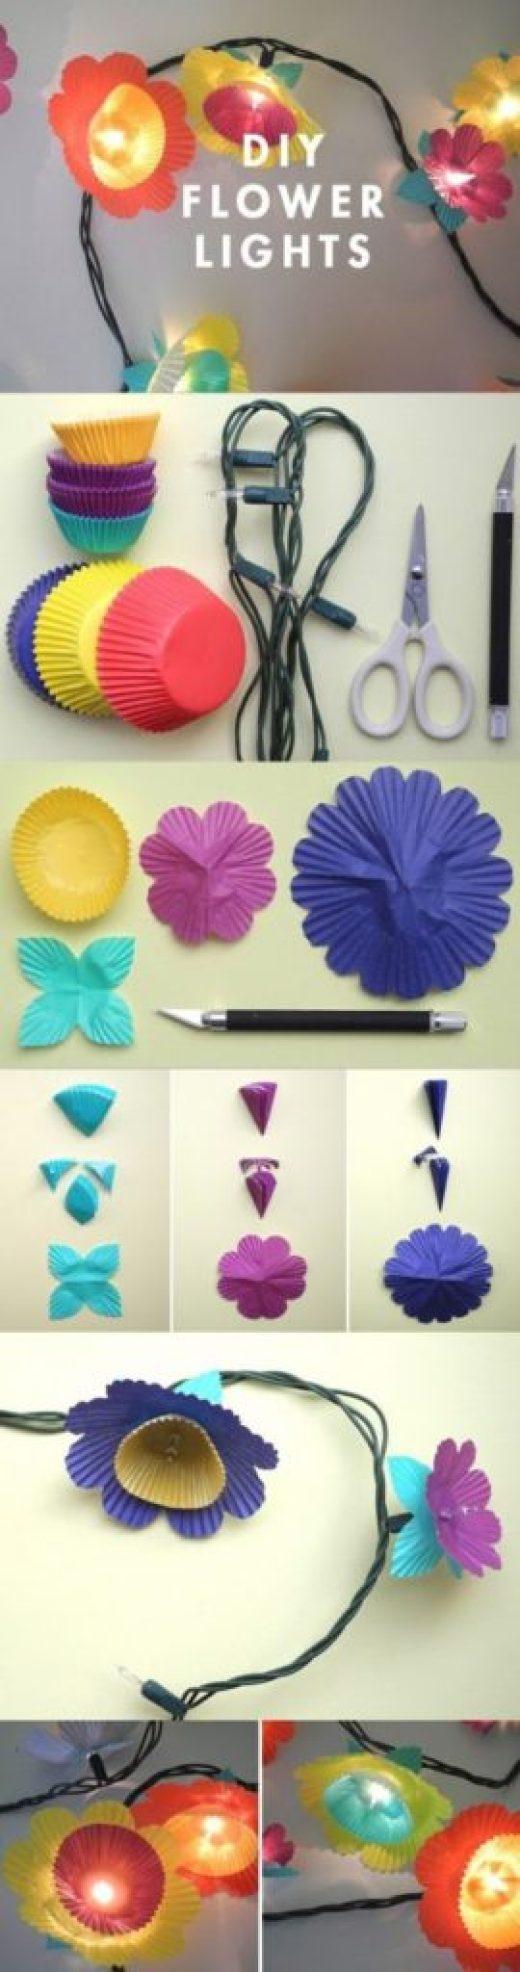 Great easy DIY crafts3